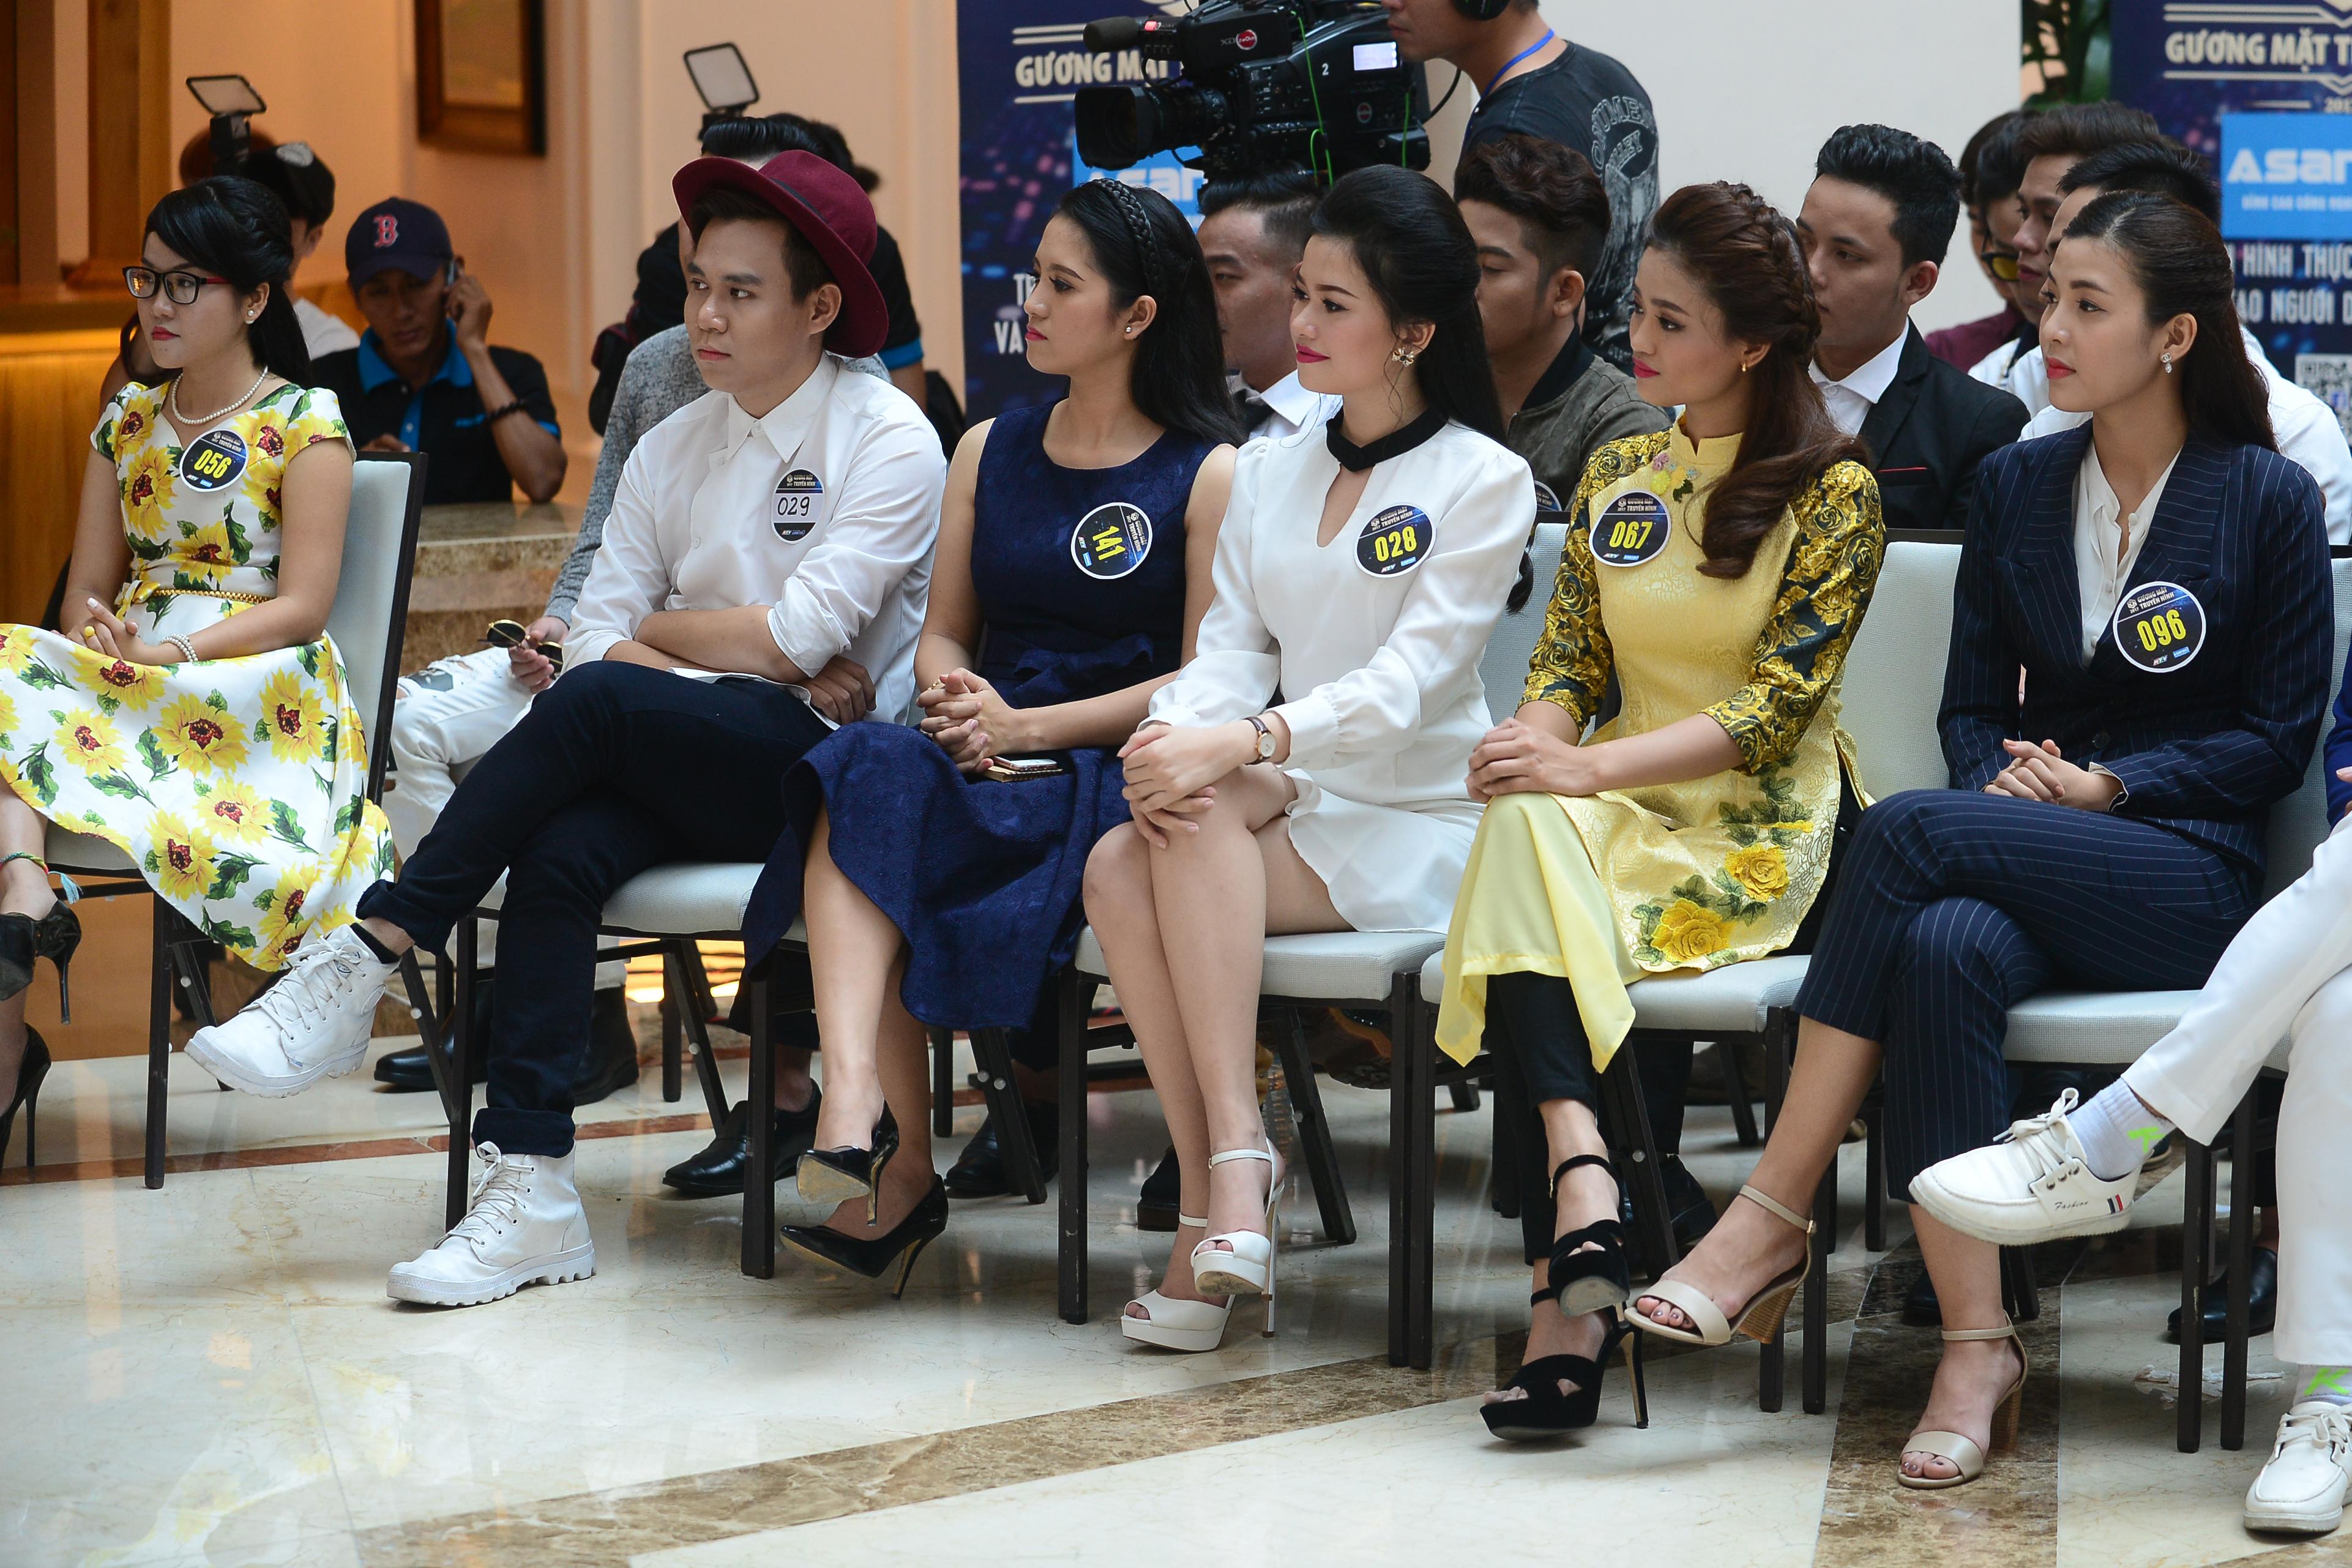 Không phải The Face, Phạm Hương góp mặt trong show thực tế về nghề MC - Ảnh 4.